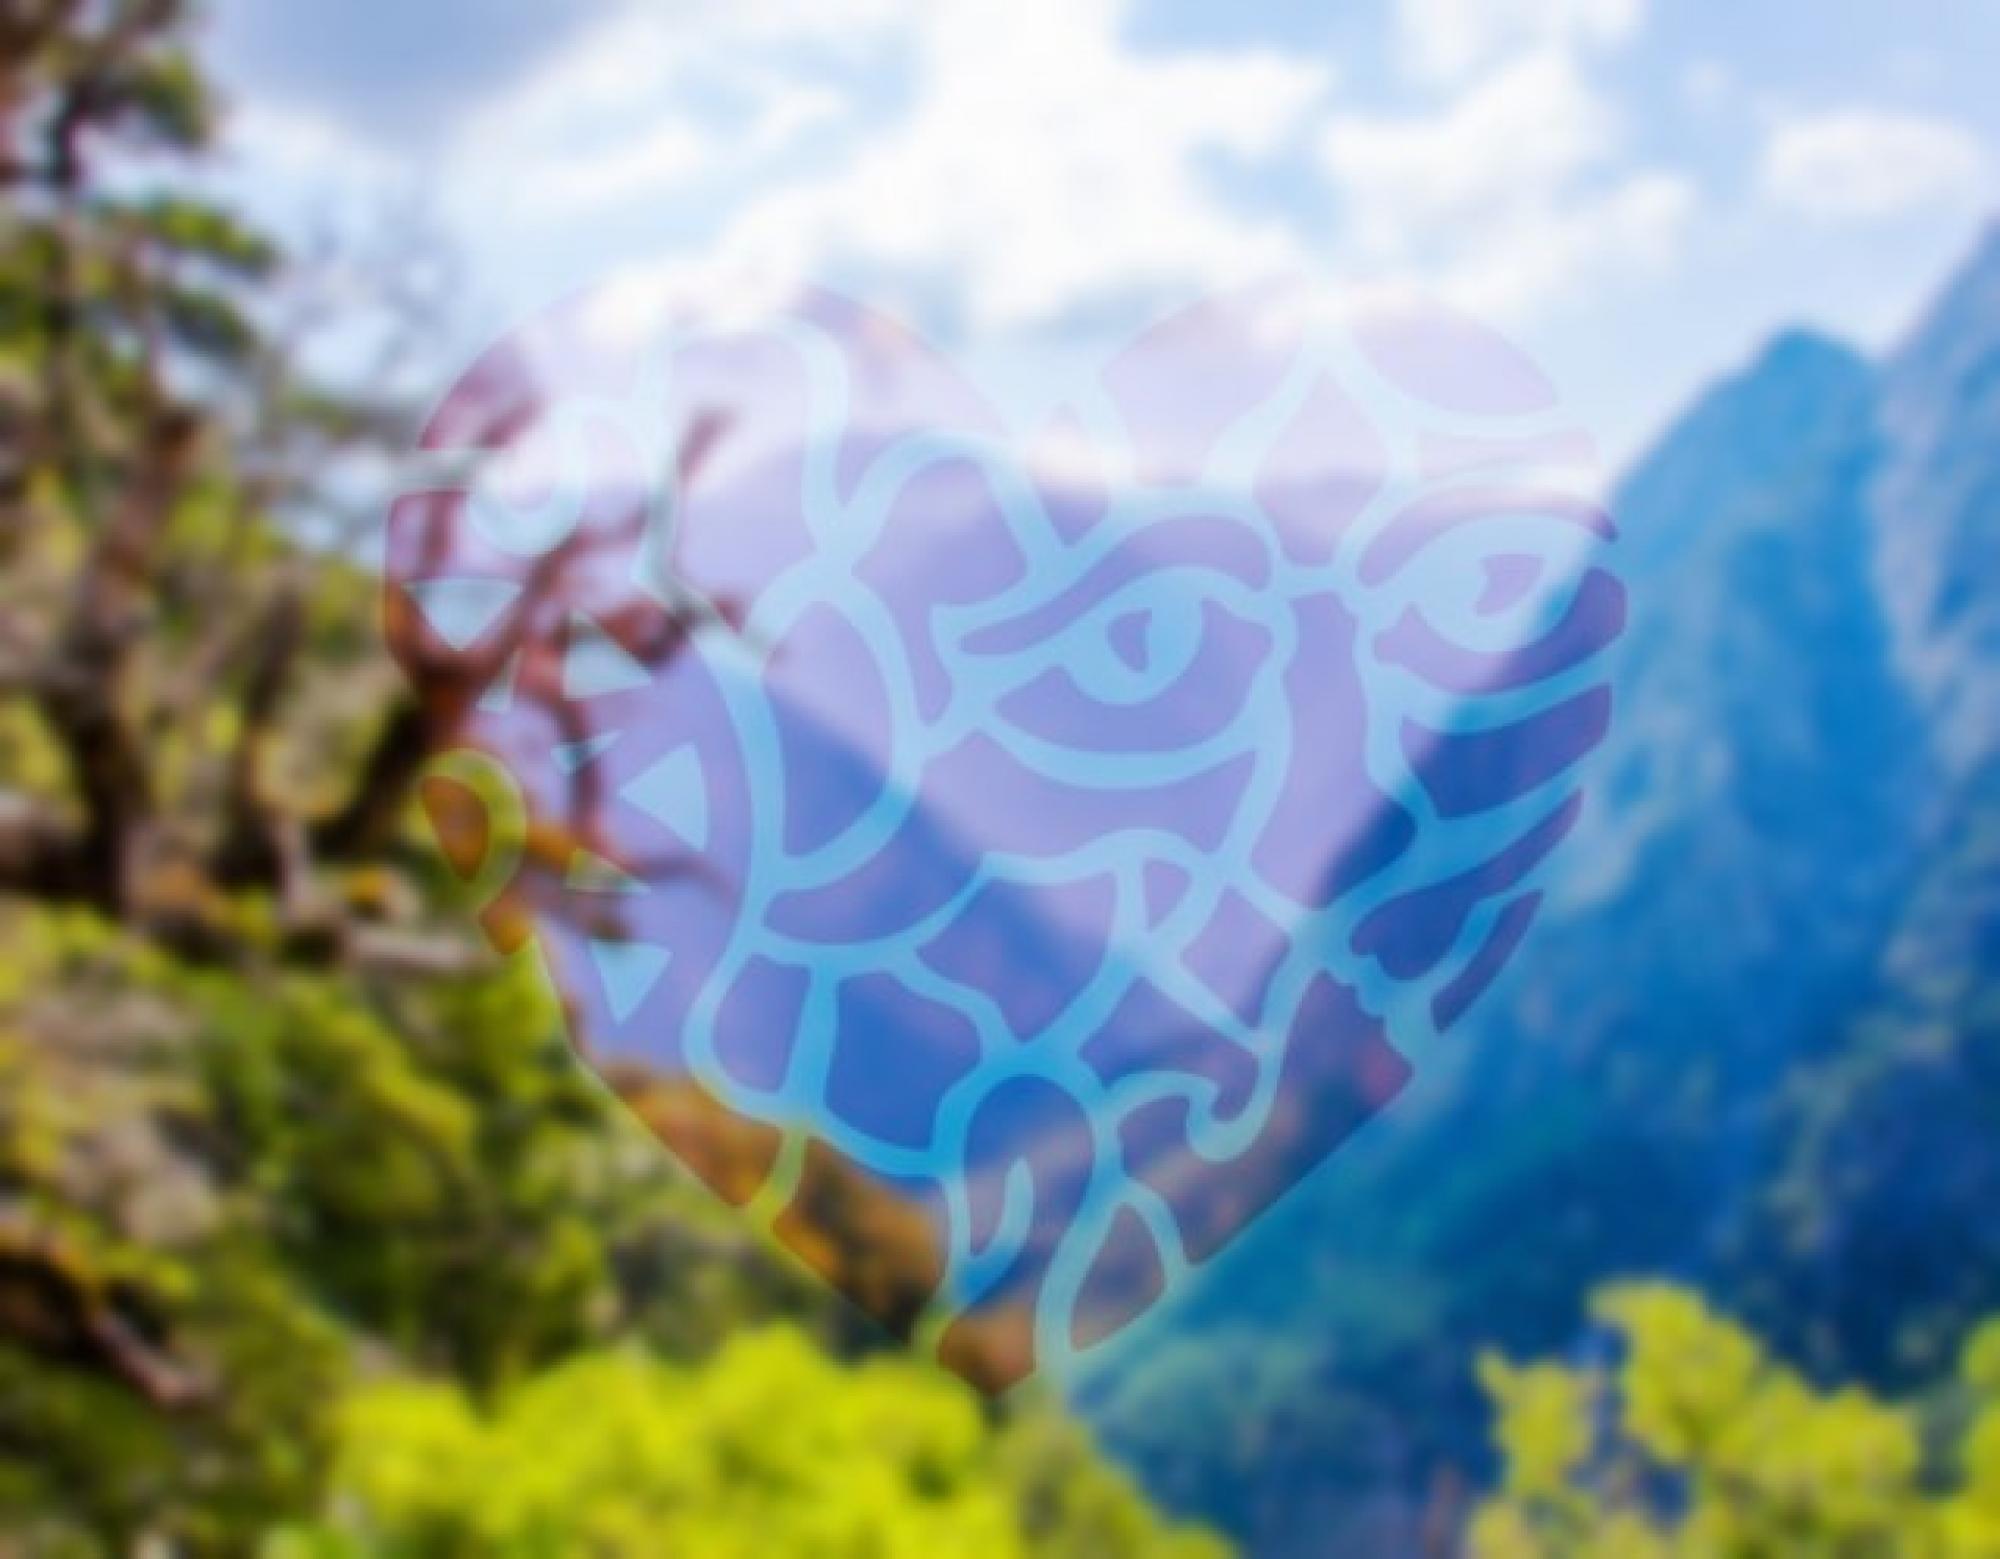 Σπήλαιο Μιλάτου στο Λασίθι